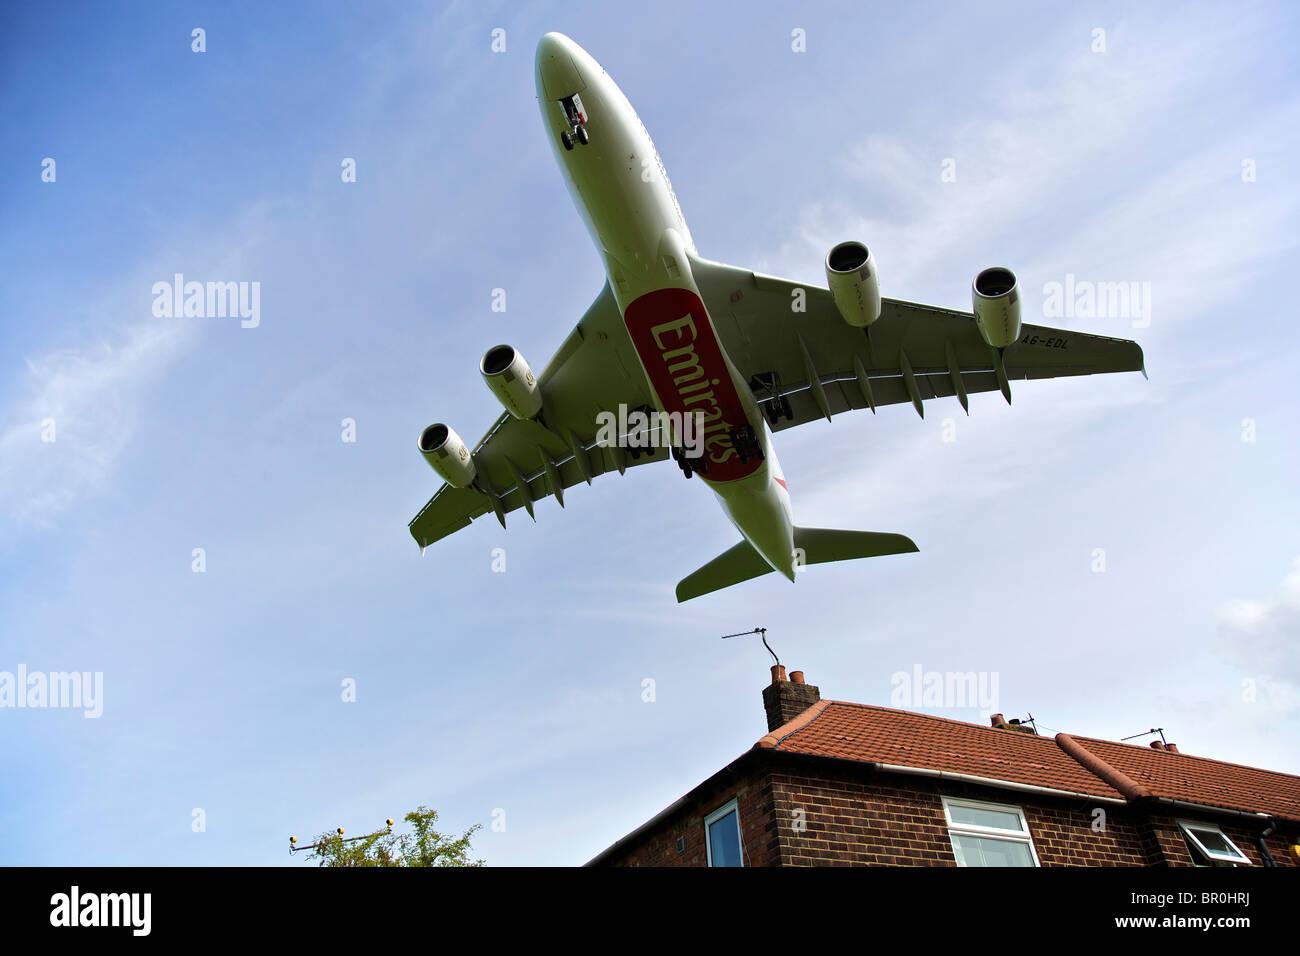 La compagnie aérienne Emirates Airbus A380 arrive à l'aéroport de Manchester, volant à basse Photo Stock